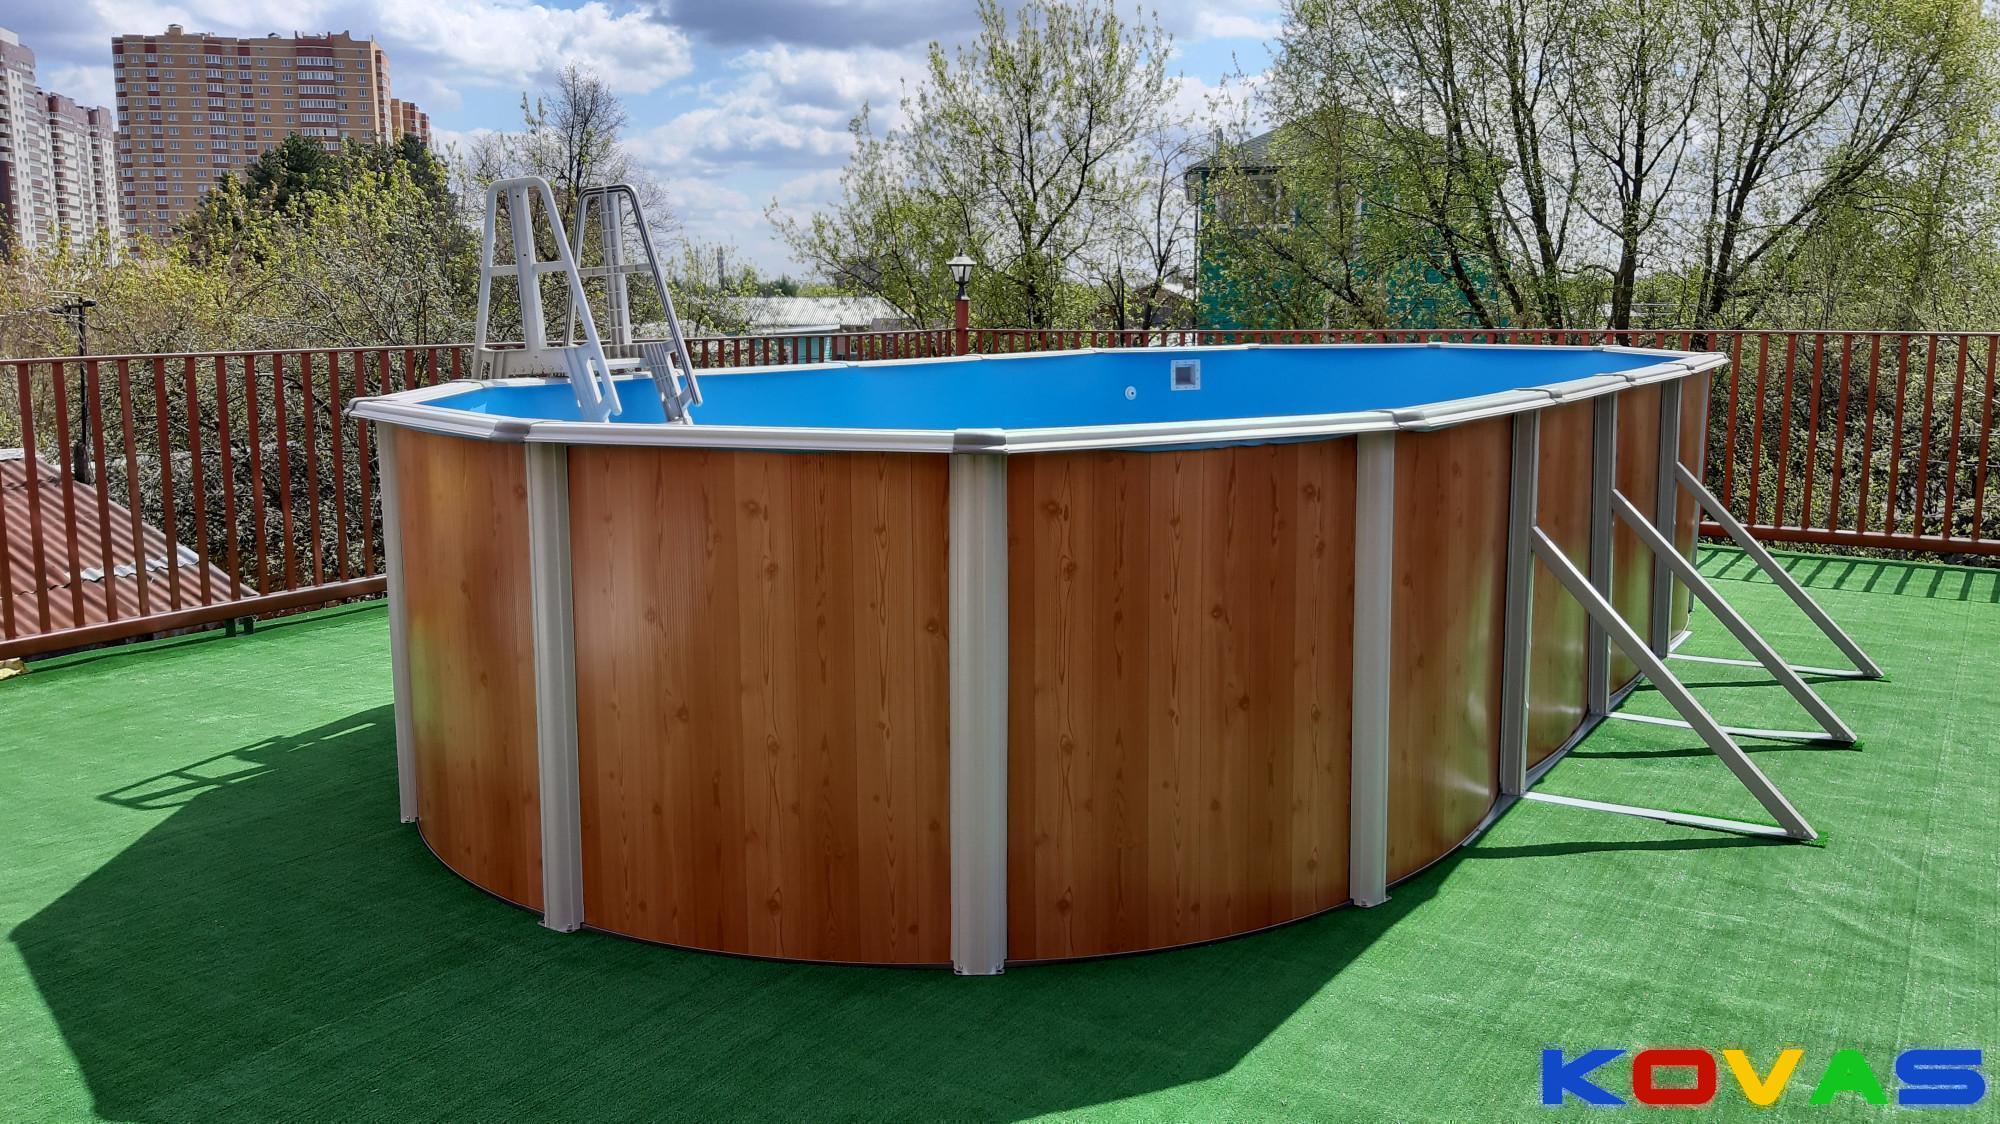 Размеры каркасного бассейна: какие бывают у круглых, прямоугольных, самая большая модель, как выбрать оптимальный вариант